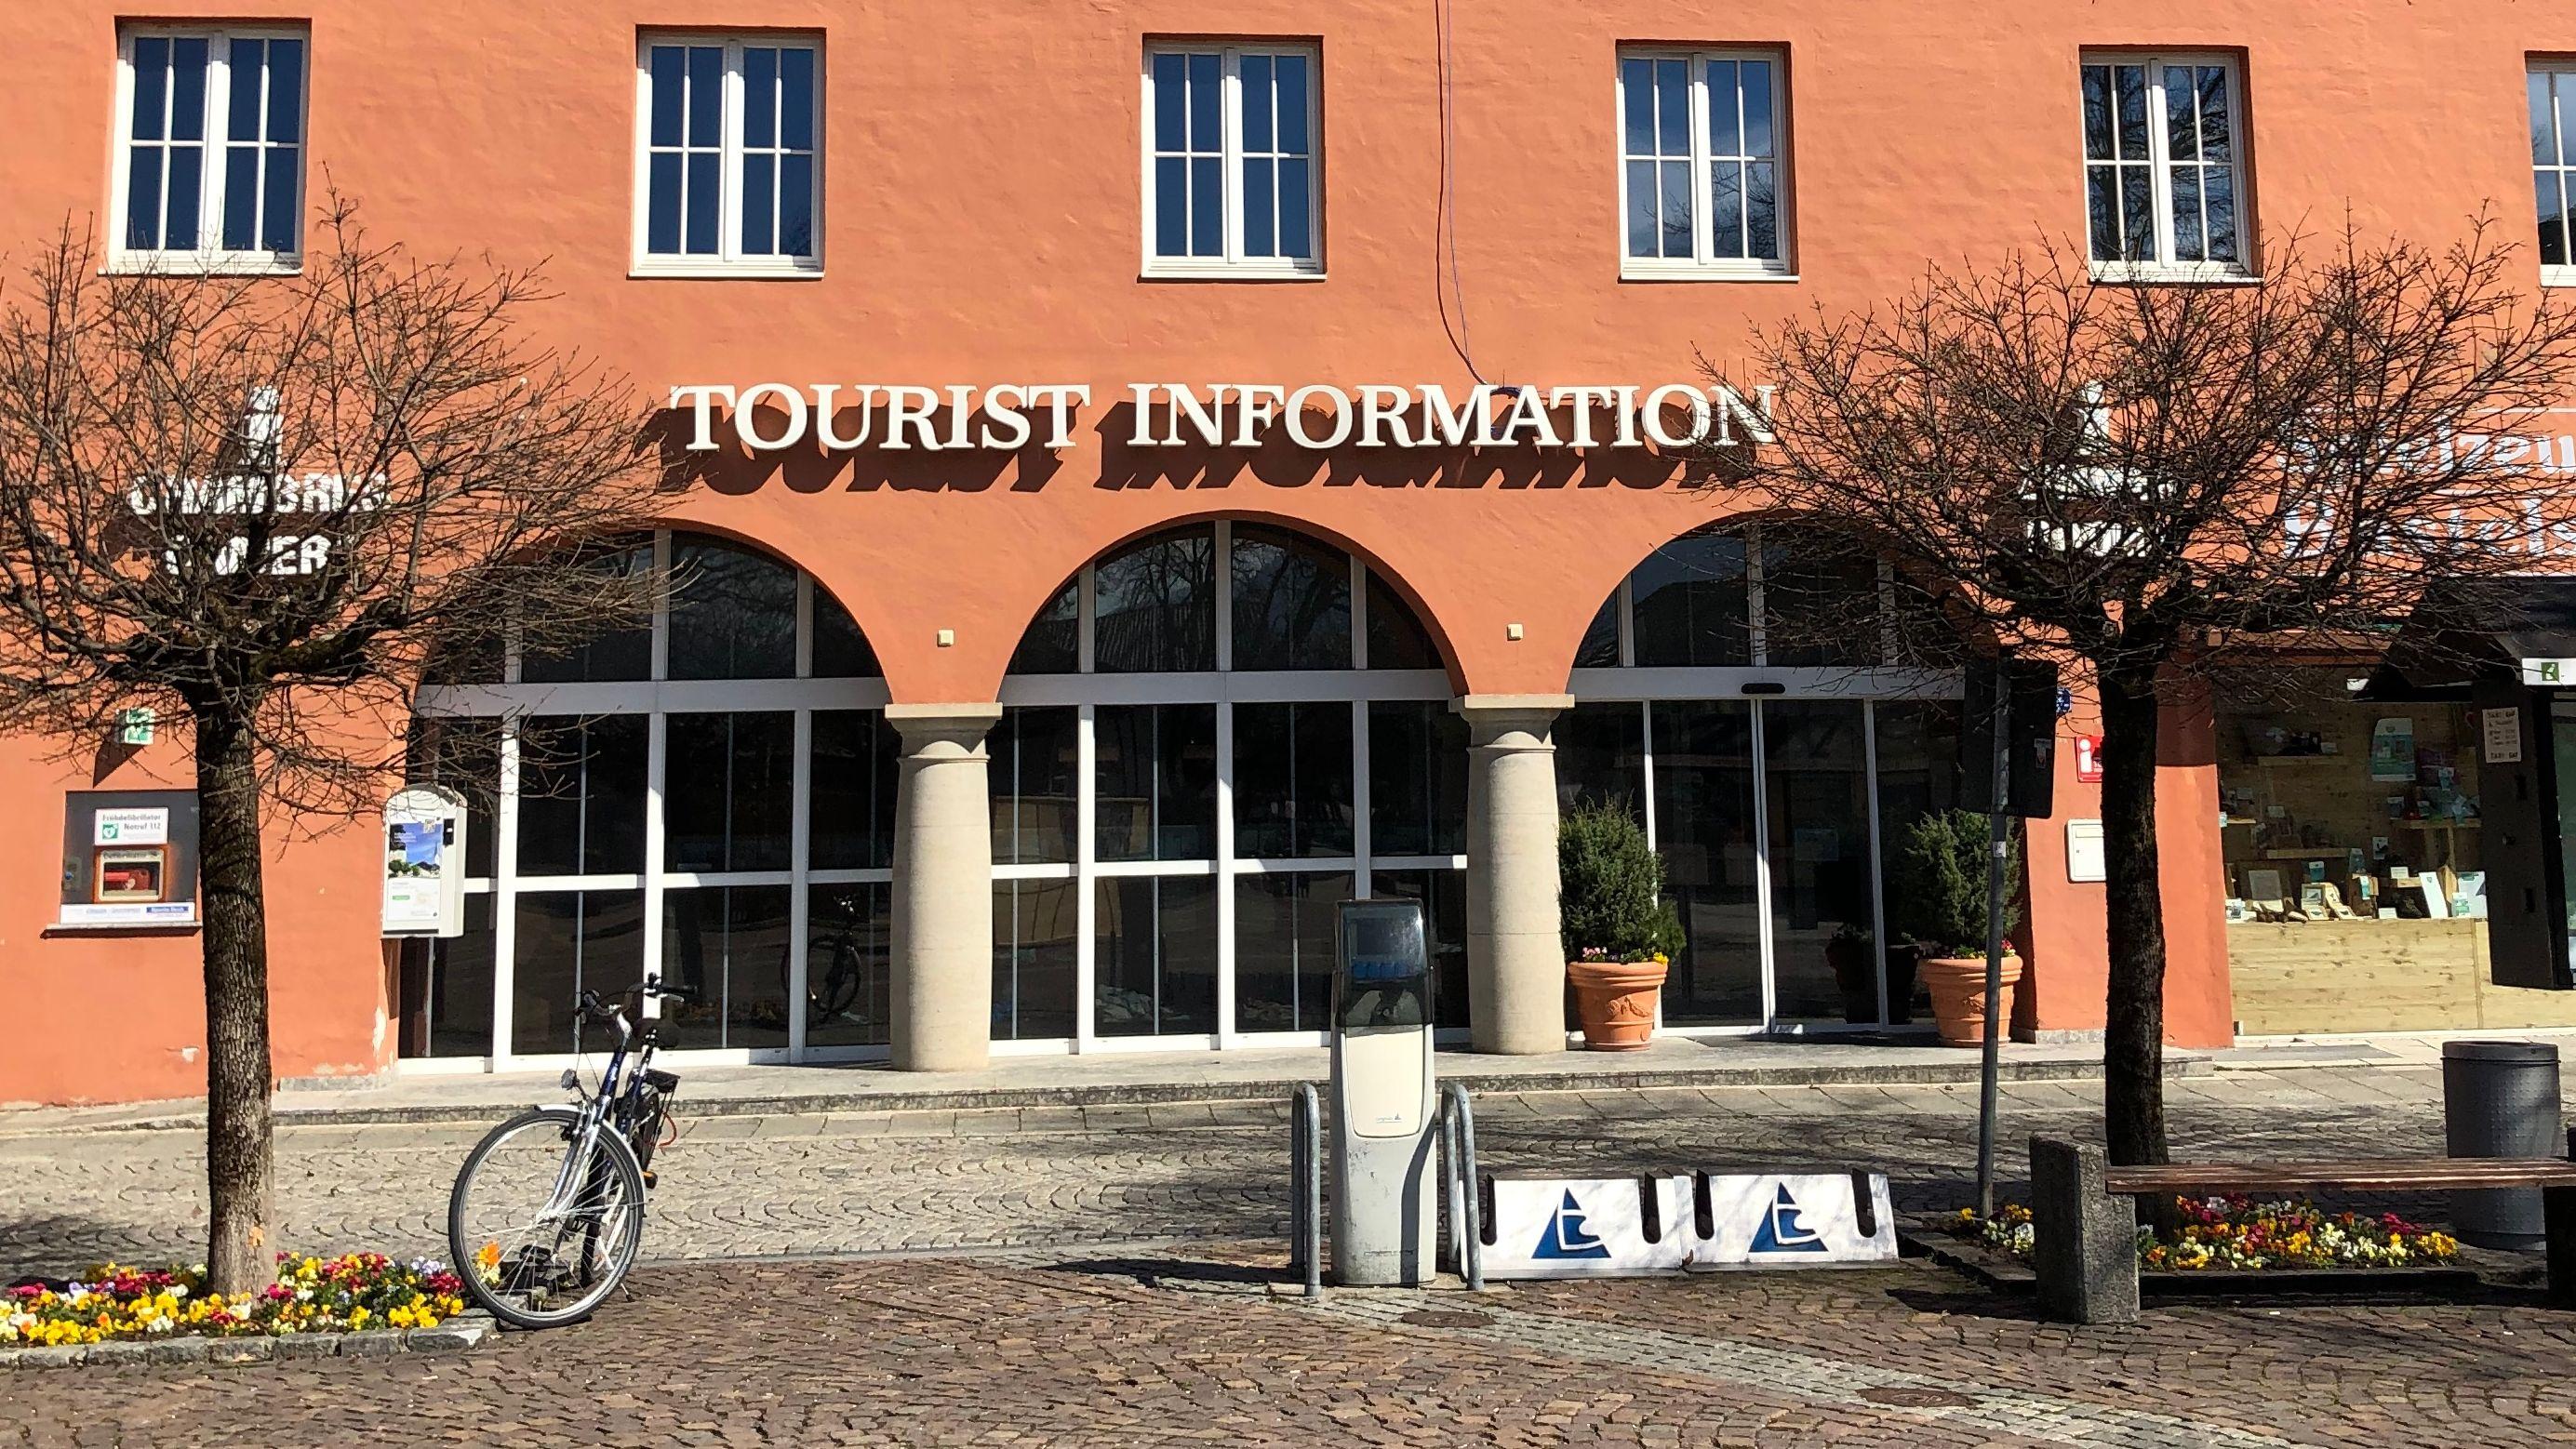 Der Platz vor der Touristen-Information in Garmisch-Partenkirchen ist leer, die Informationsstelle hat geschlossen.